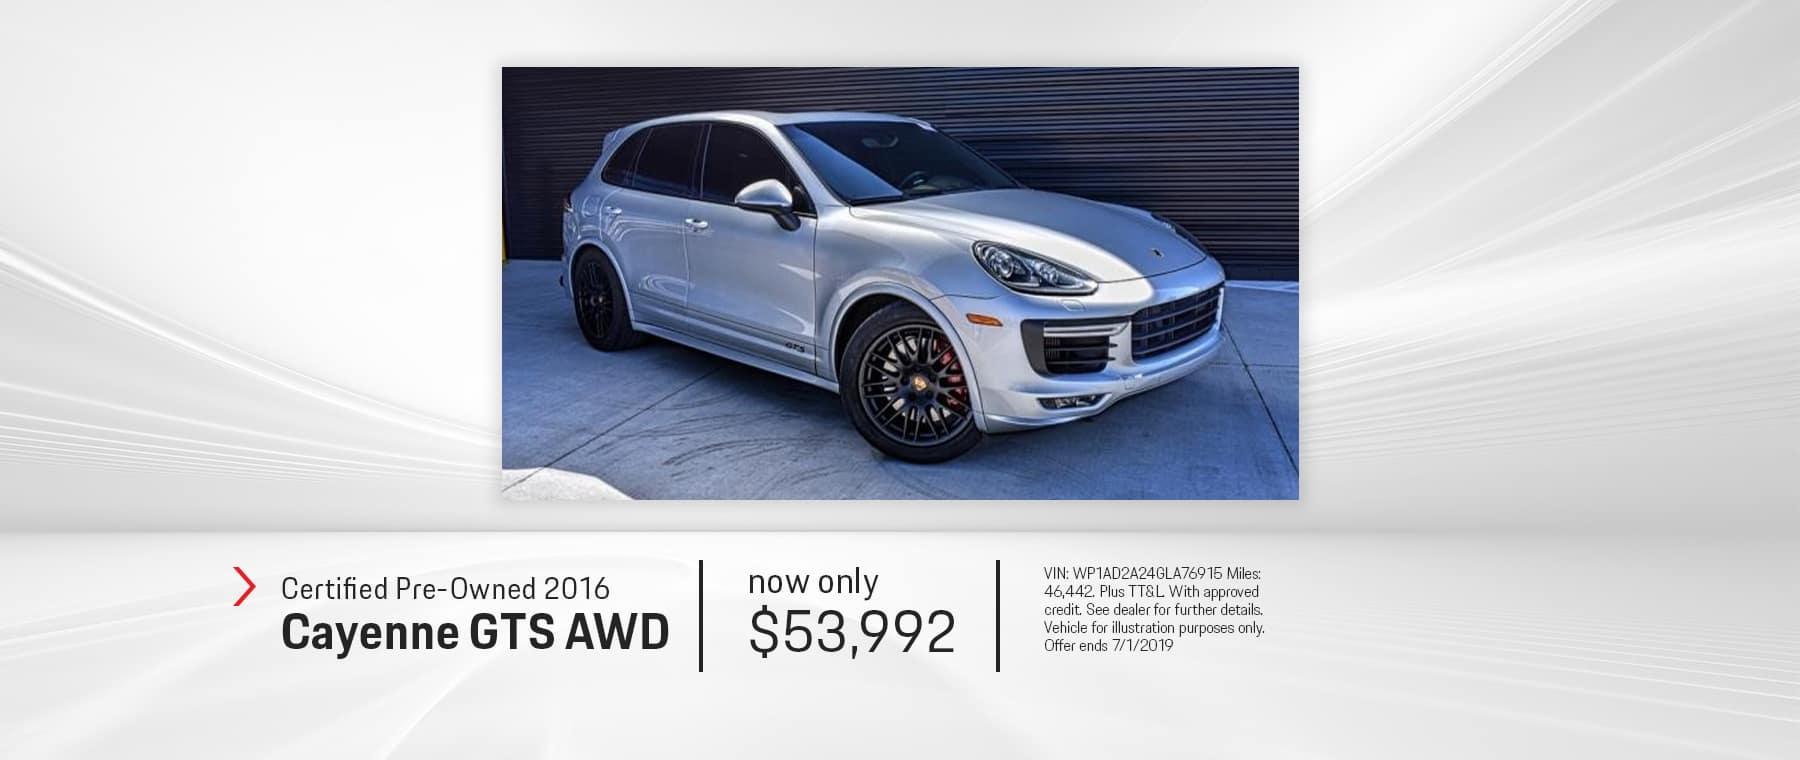 2016_PreOwned_Porsche_Cayenne_GTS_AWD_El_Paso_Texas